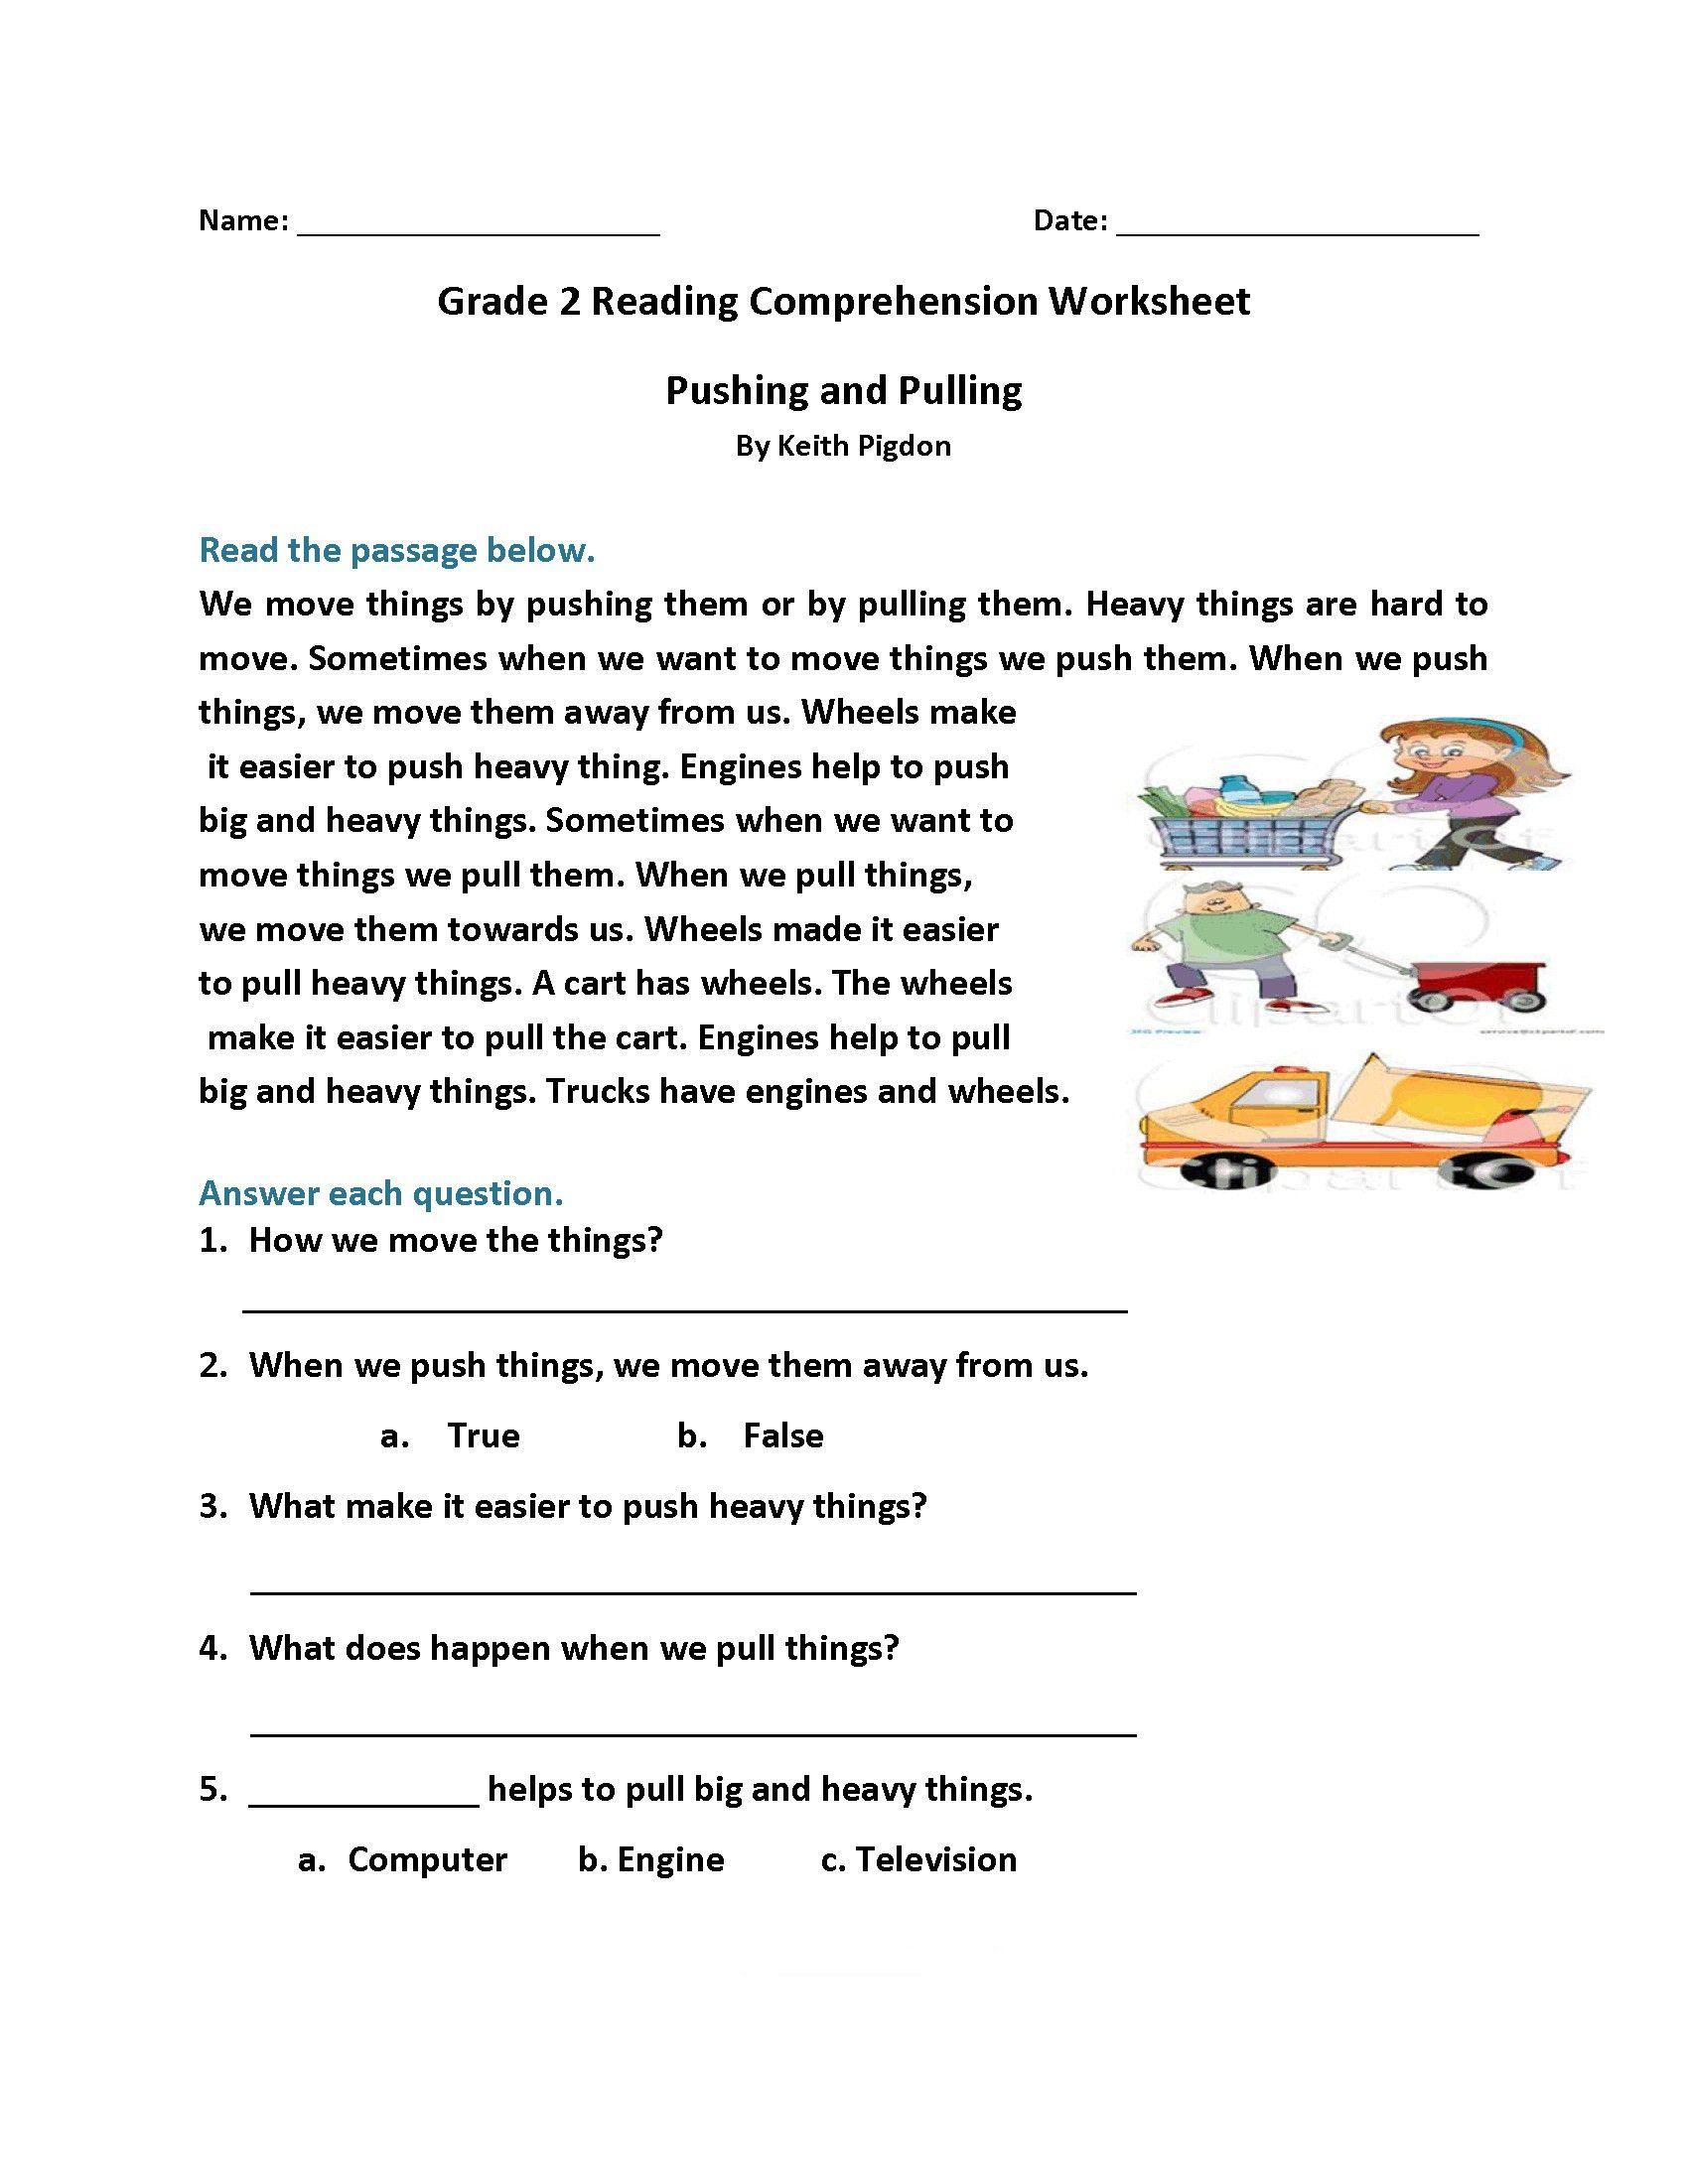 Free 2nd Grade Comprehension Worksheets Math Worksheet 2nd Gradeading Wo In 2021 Reading Comprehension Worksheets Comprehension Worksheets 2nd Grade Reading Worksheets [ 2200 x 1700 Pixel ]